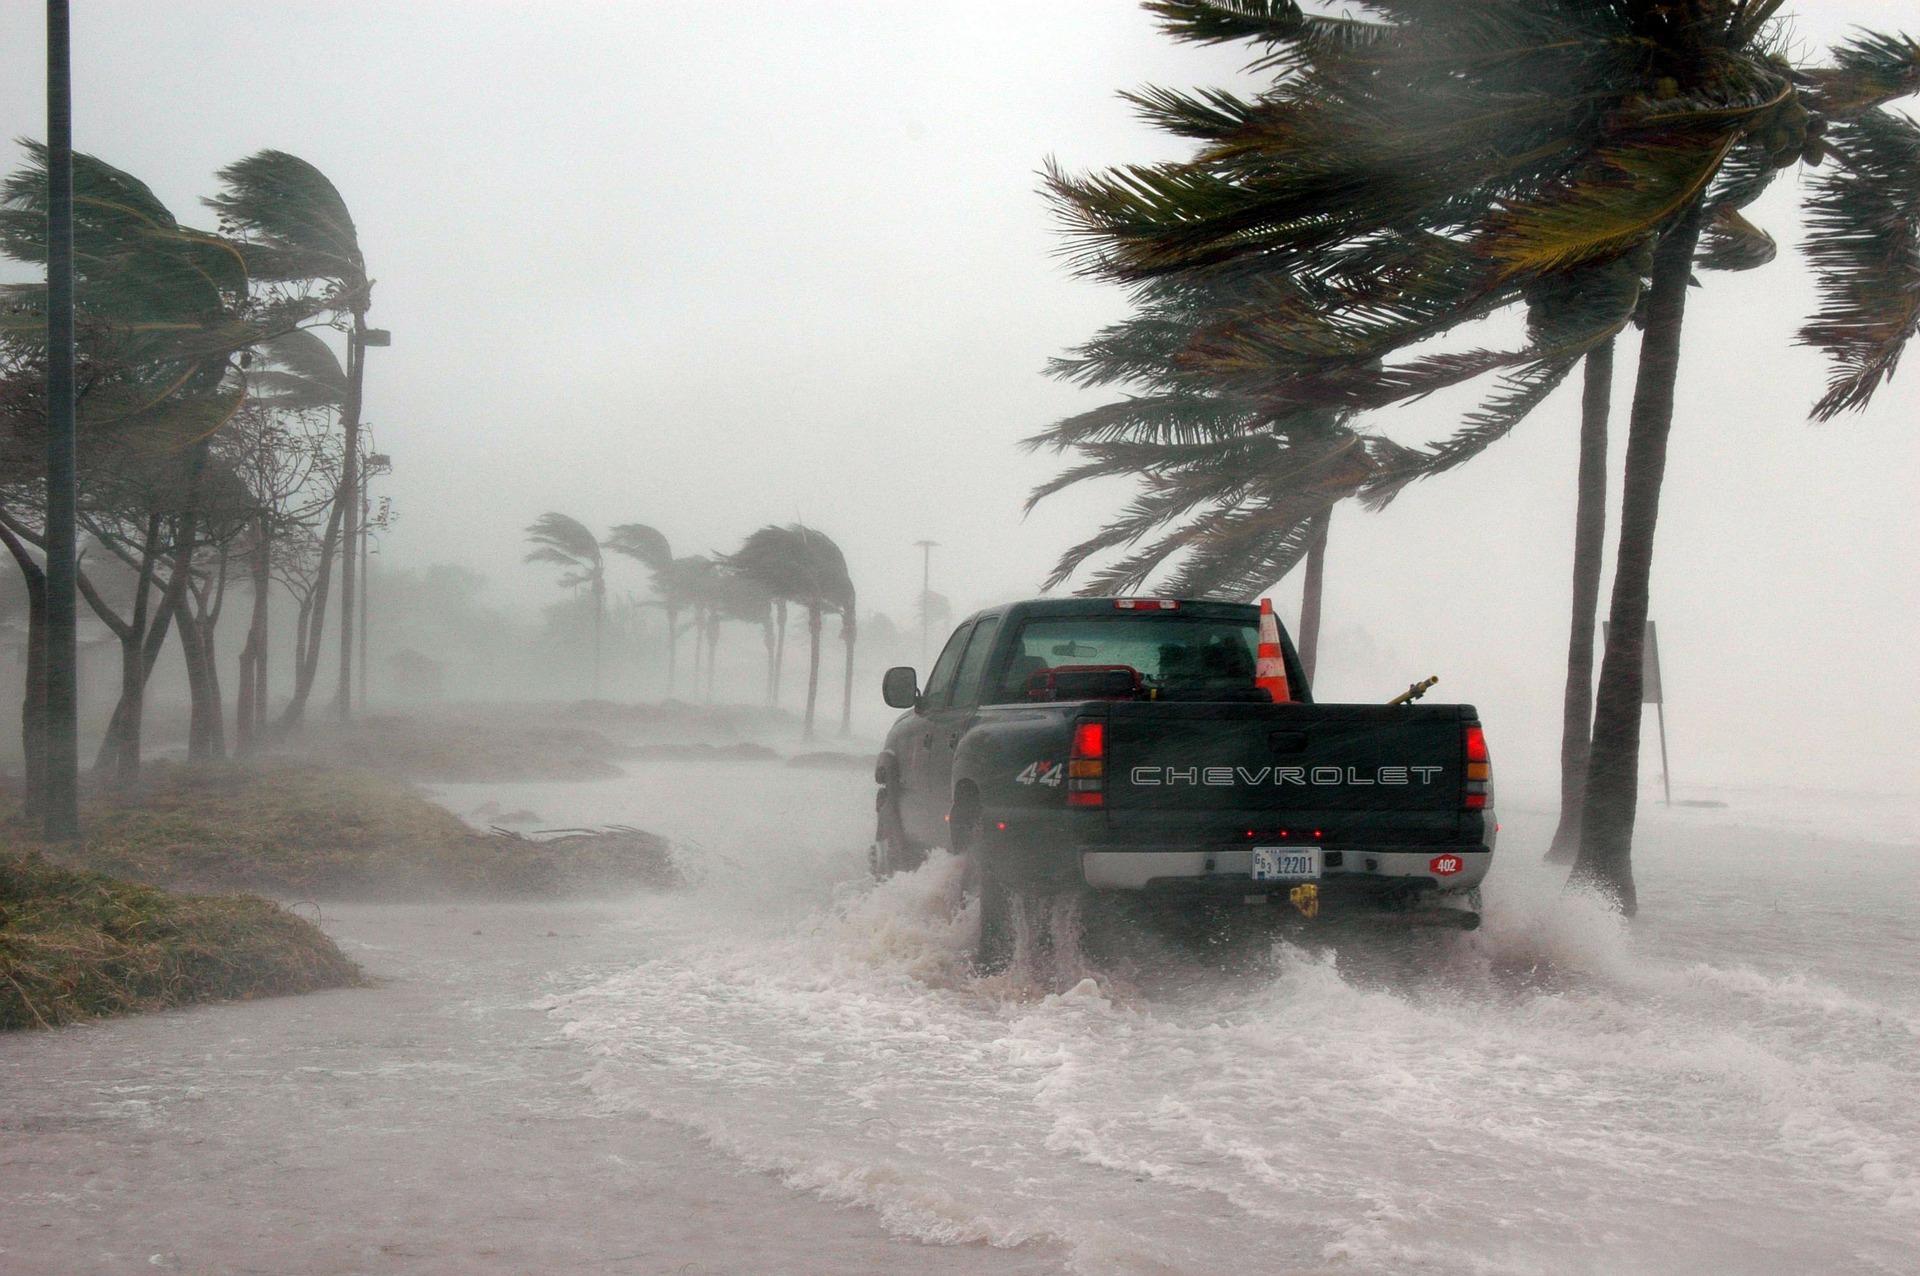 photo of truck driving through hurricane